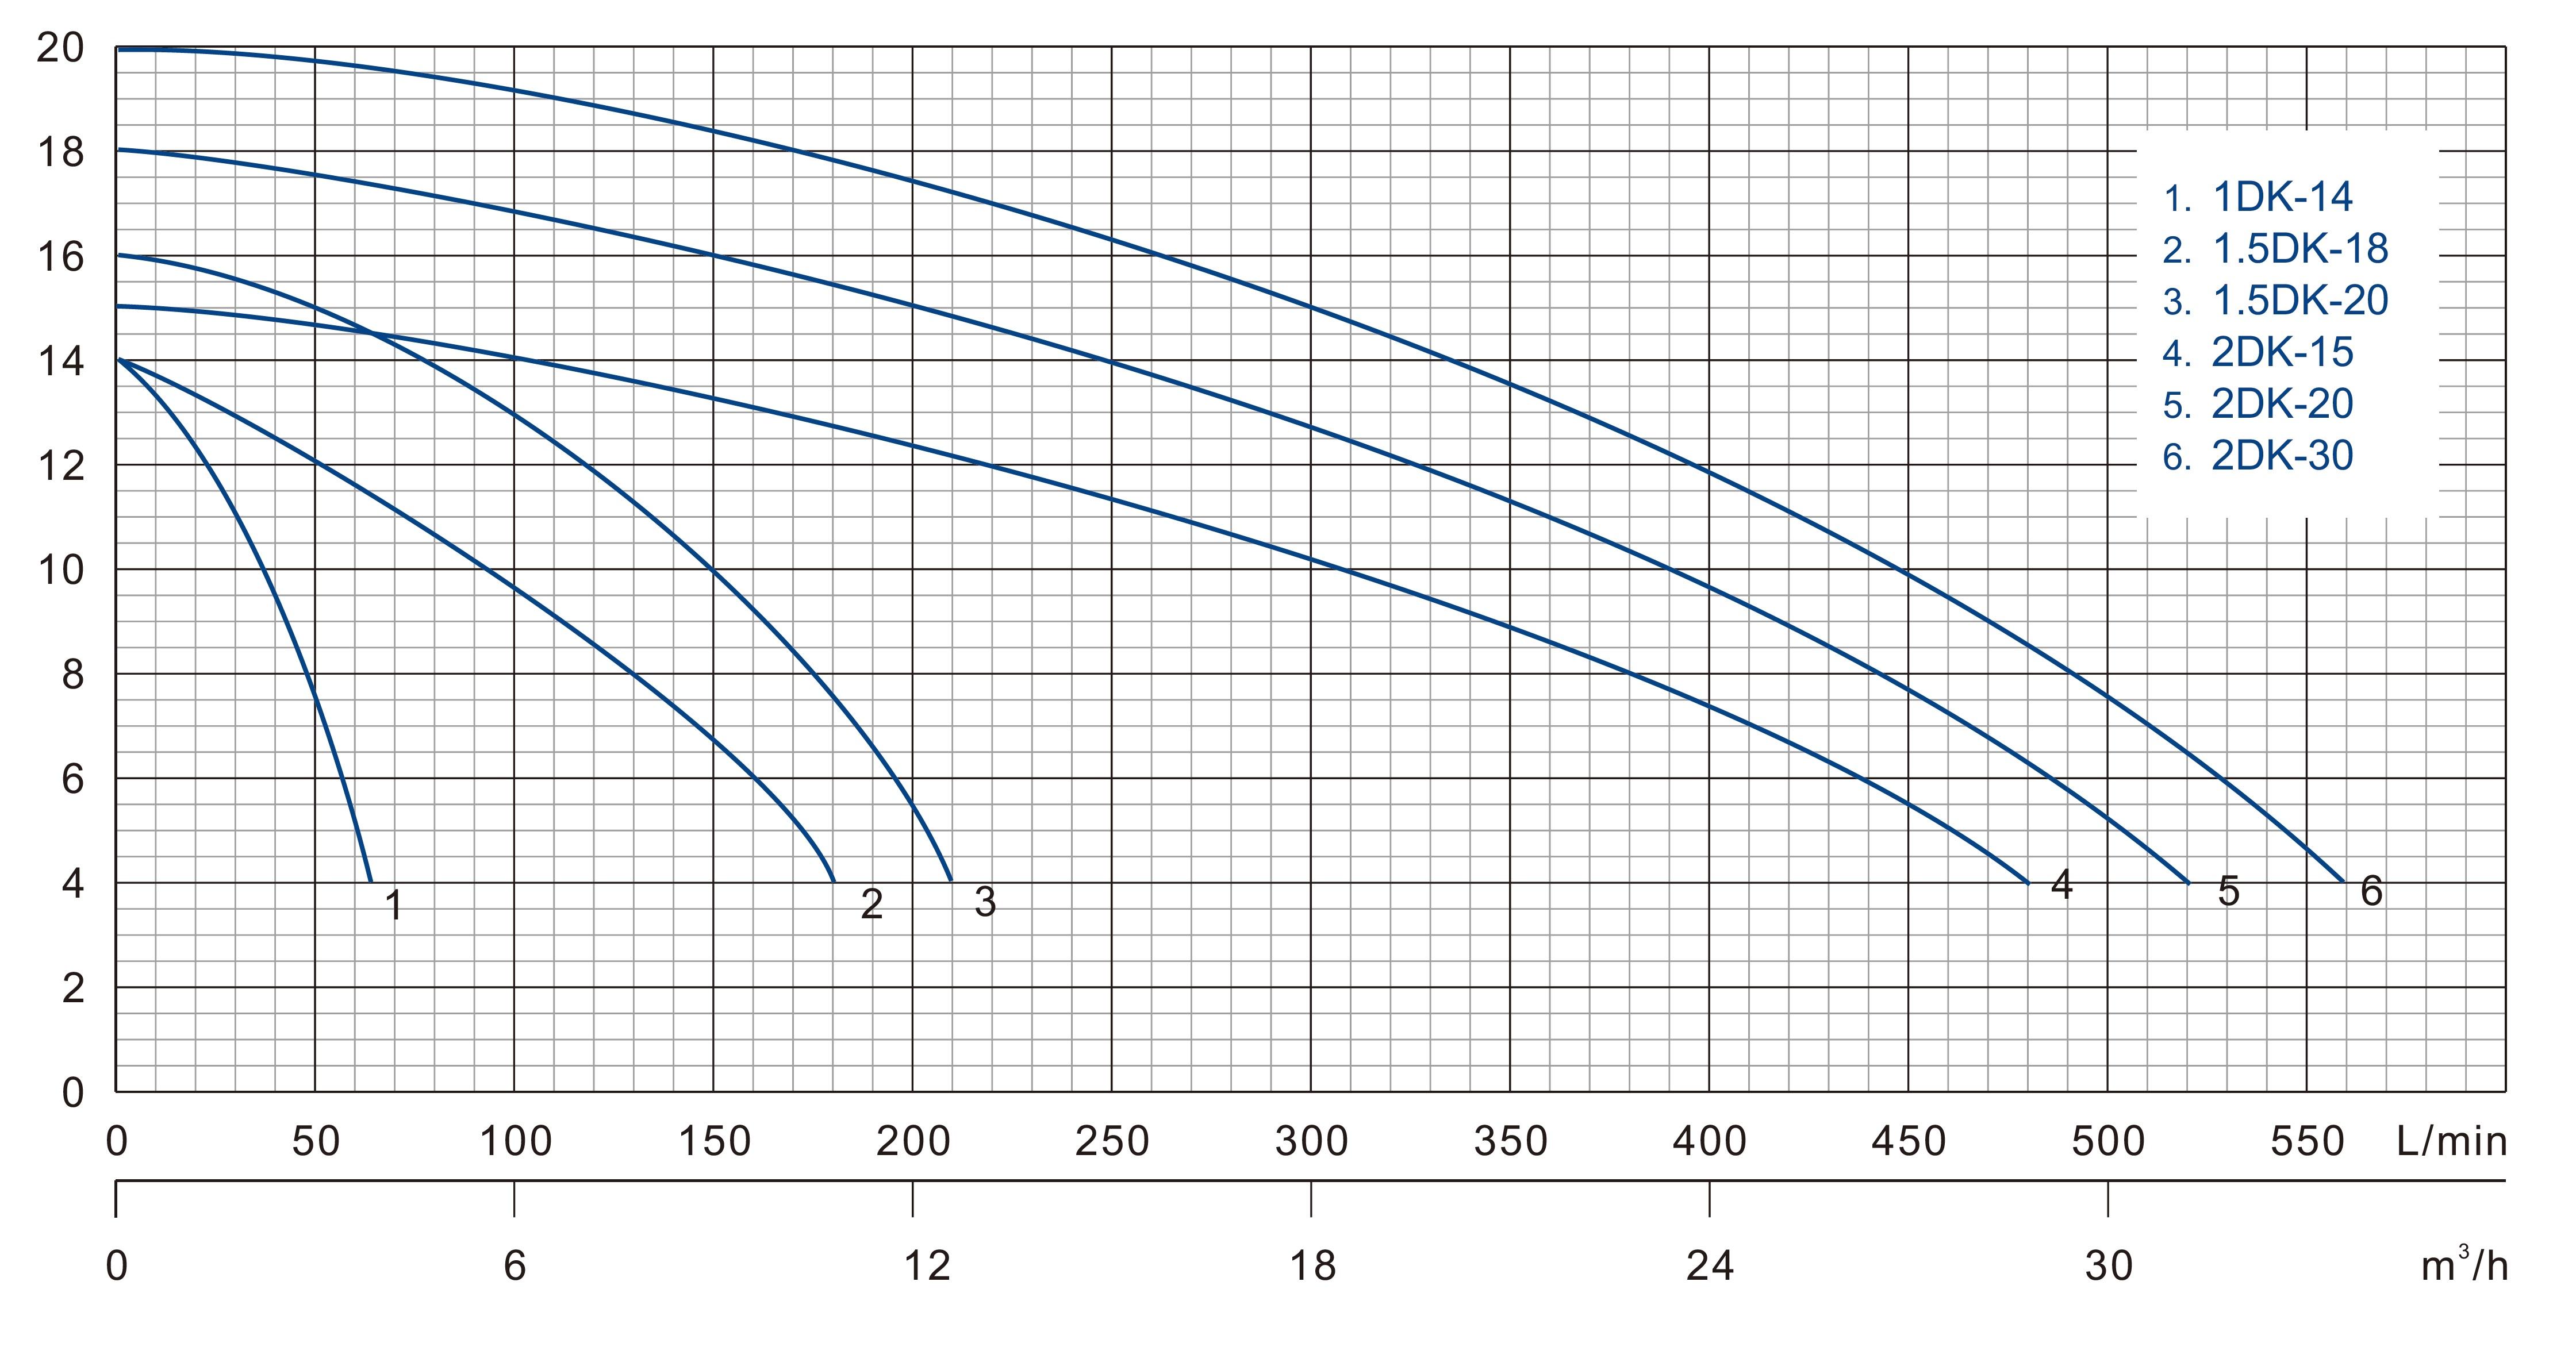 2DK-20 پمپ | پمپ خانگی | فولاد صنعت صانعی